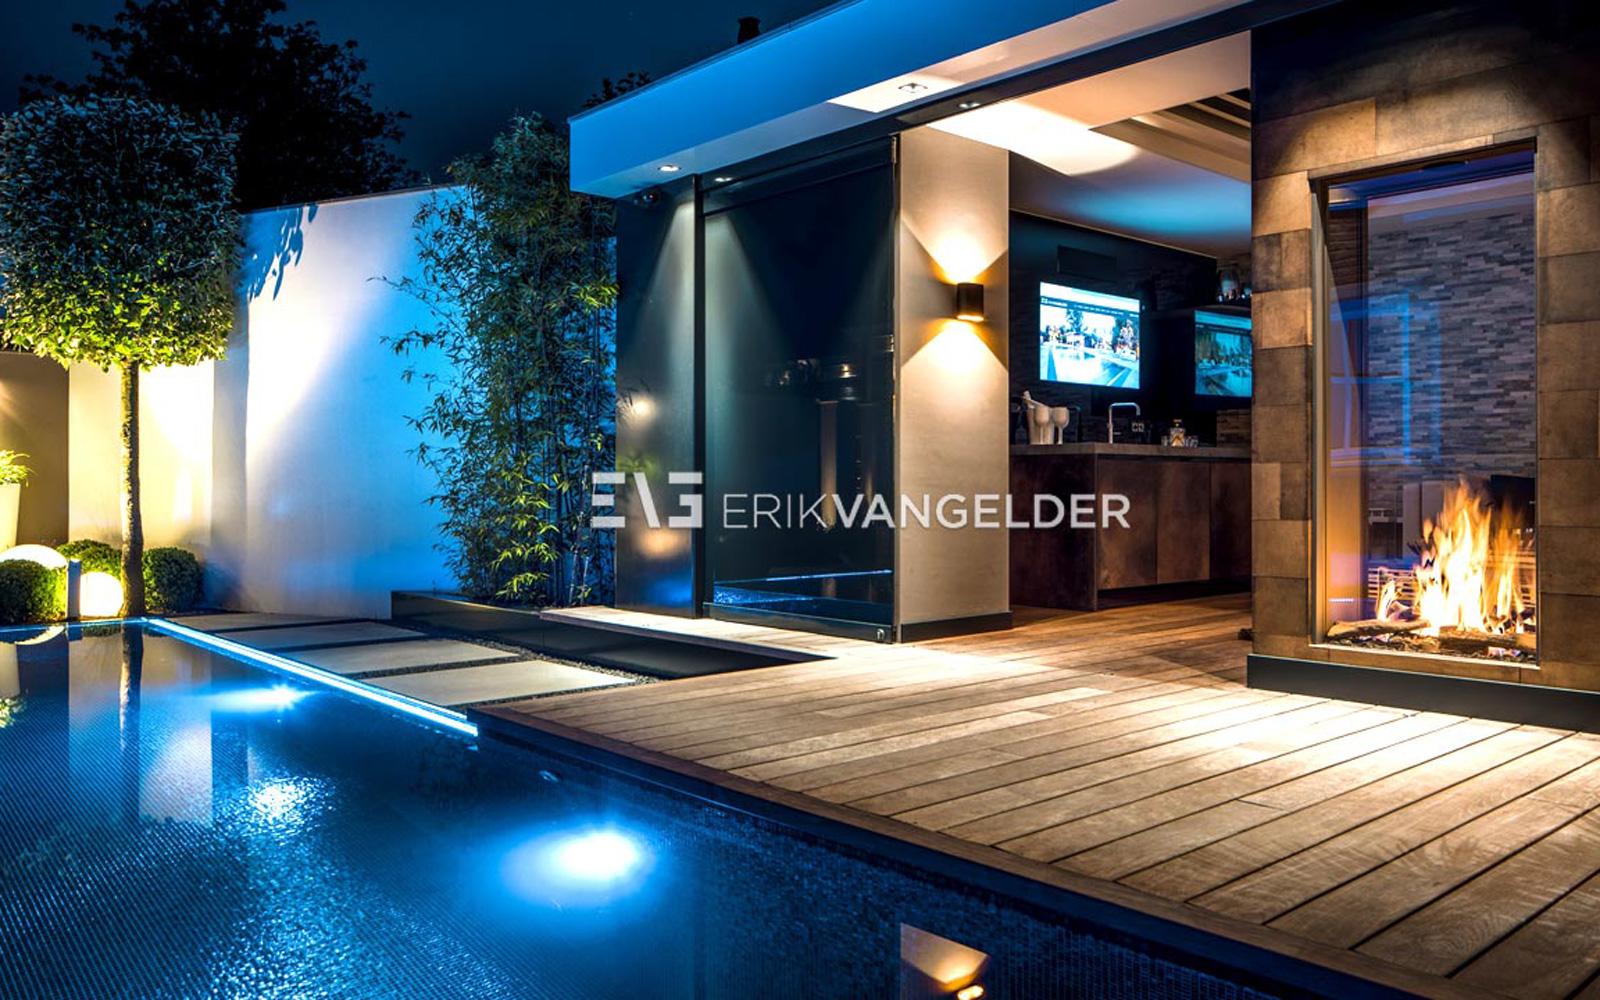 Tuinarchitect Erik van Gelder heeft een zeer luxe tuin afgeleverd bij deze villa.